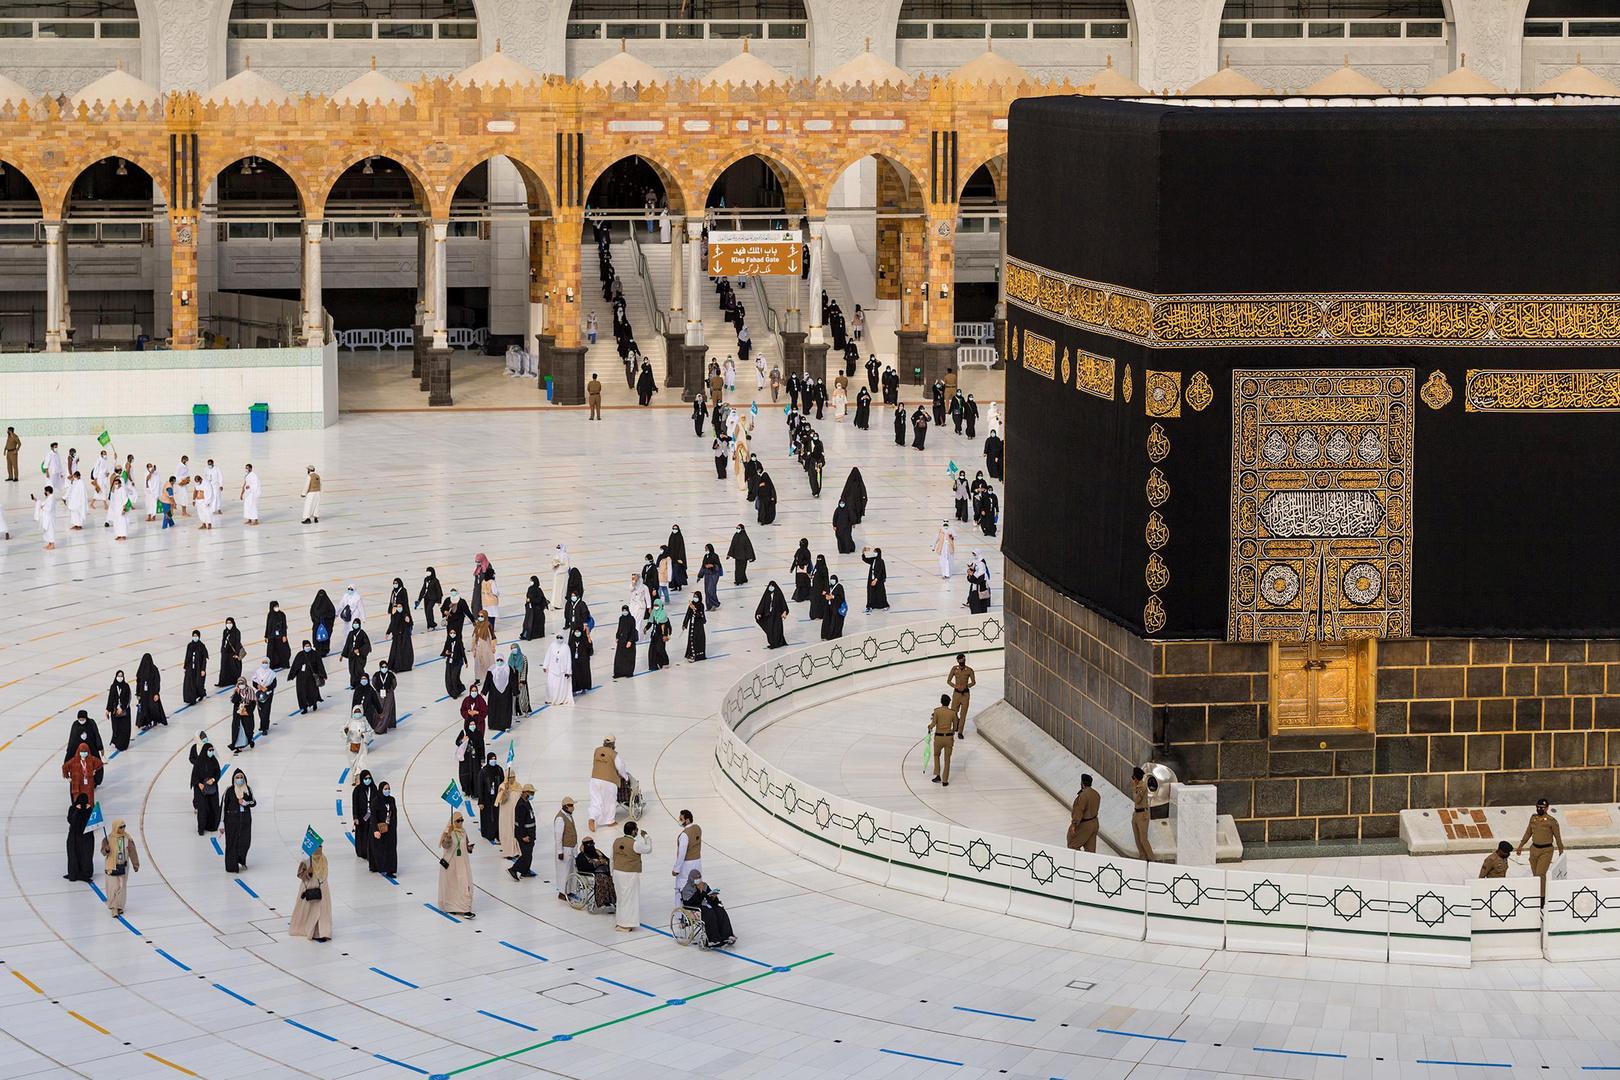 بعد إعلان السعودية فتح العمرة.. مصر تصدر بيانا حول إمكانية أداء العمرة من قبل مواطنيها